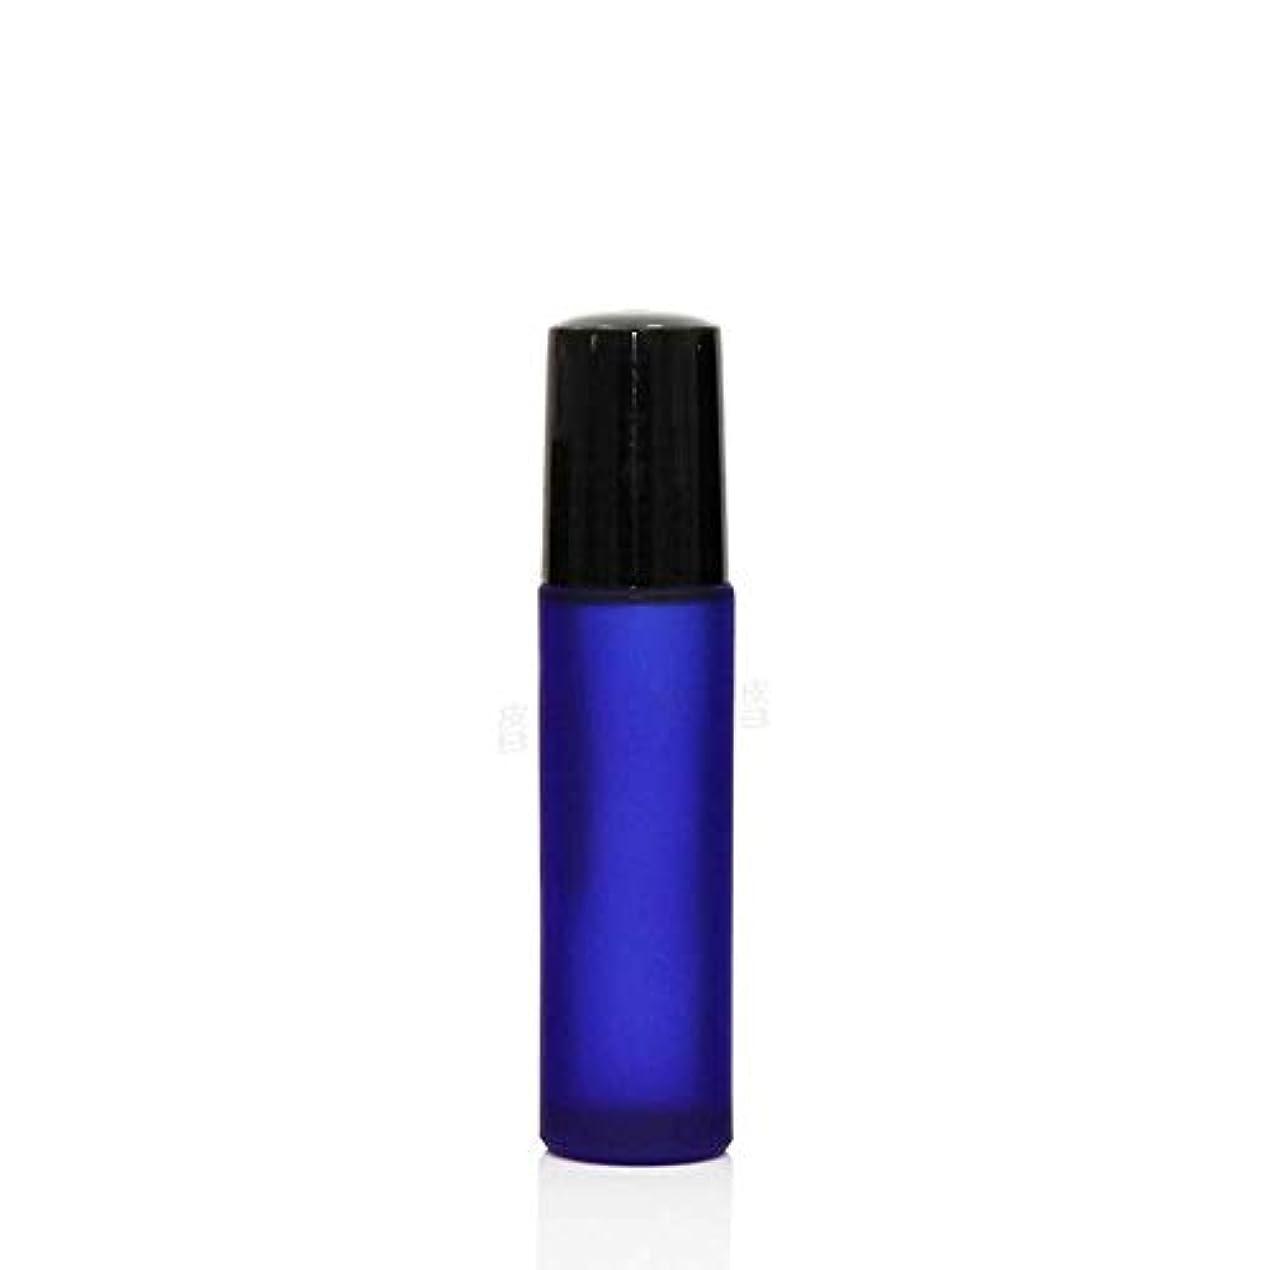 うめき声シャックルフルーティーSimg ロールオンボトル アロマオイル 精油 小分け用 遮光瓶 10ml 10本セット ガラスロールタイプ (ブルー)